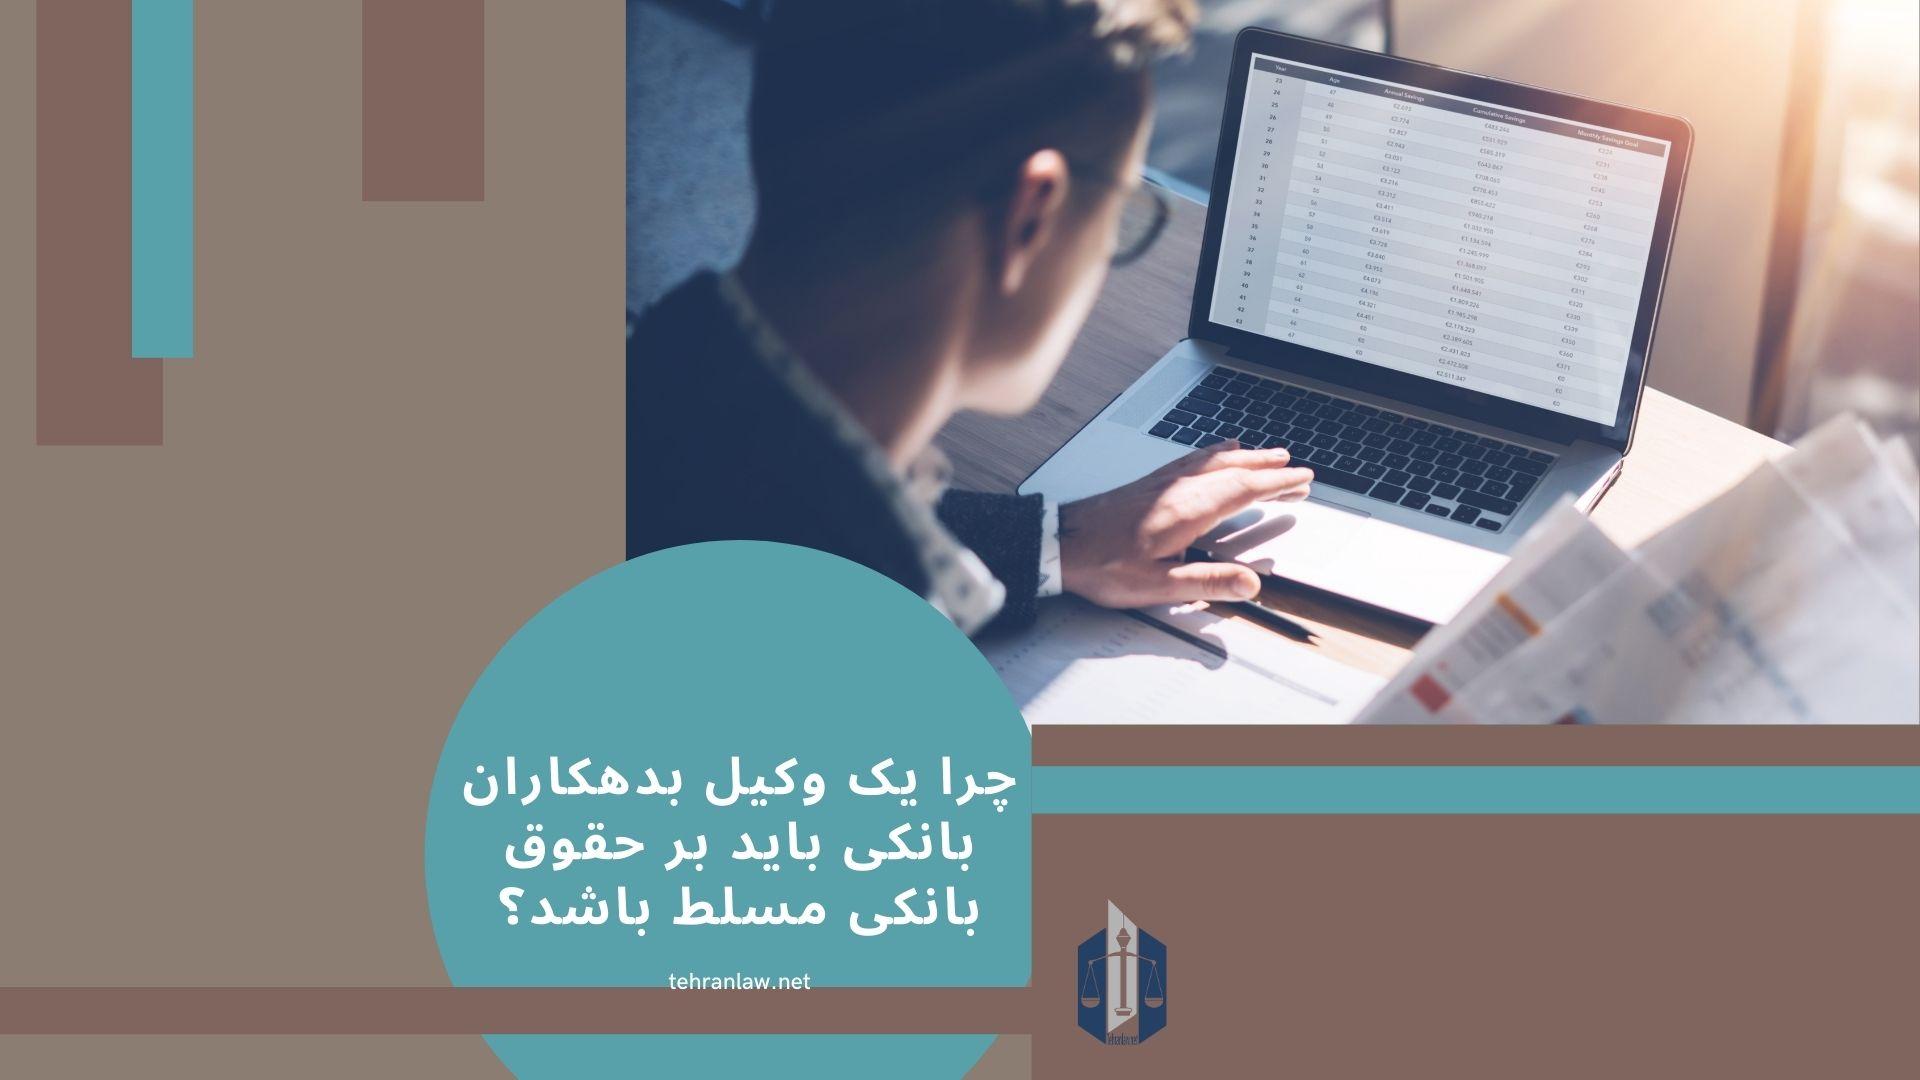 چرا یک وکیل بدهکاران بانکی باید بر حقوق بانکی مسلط باشد؟